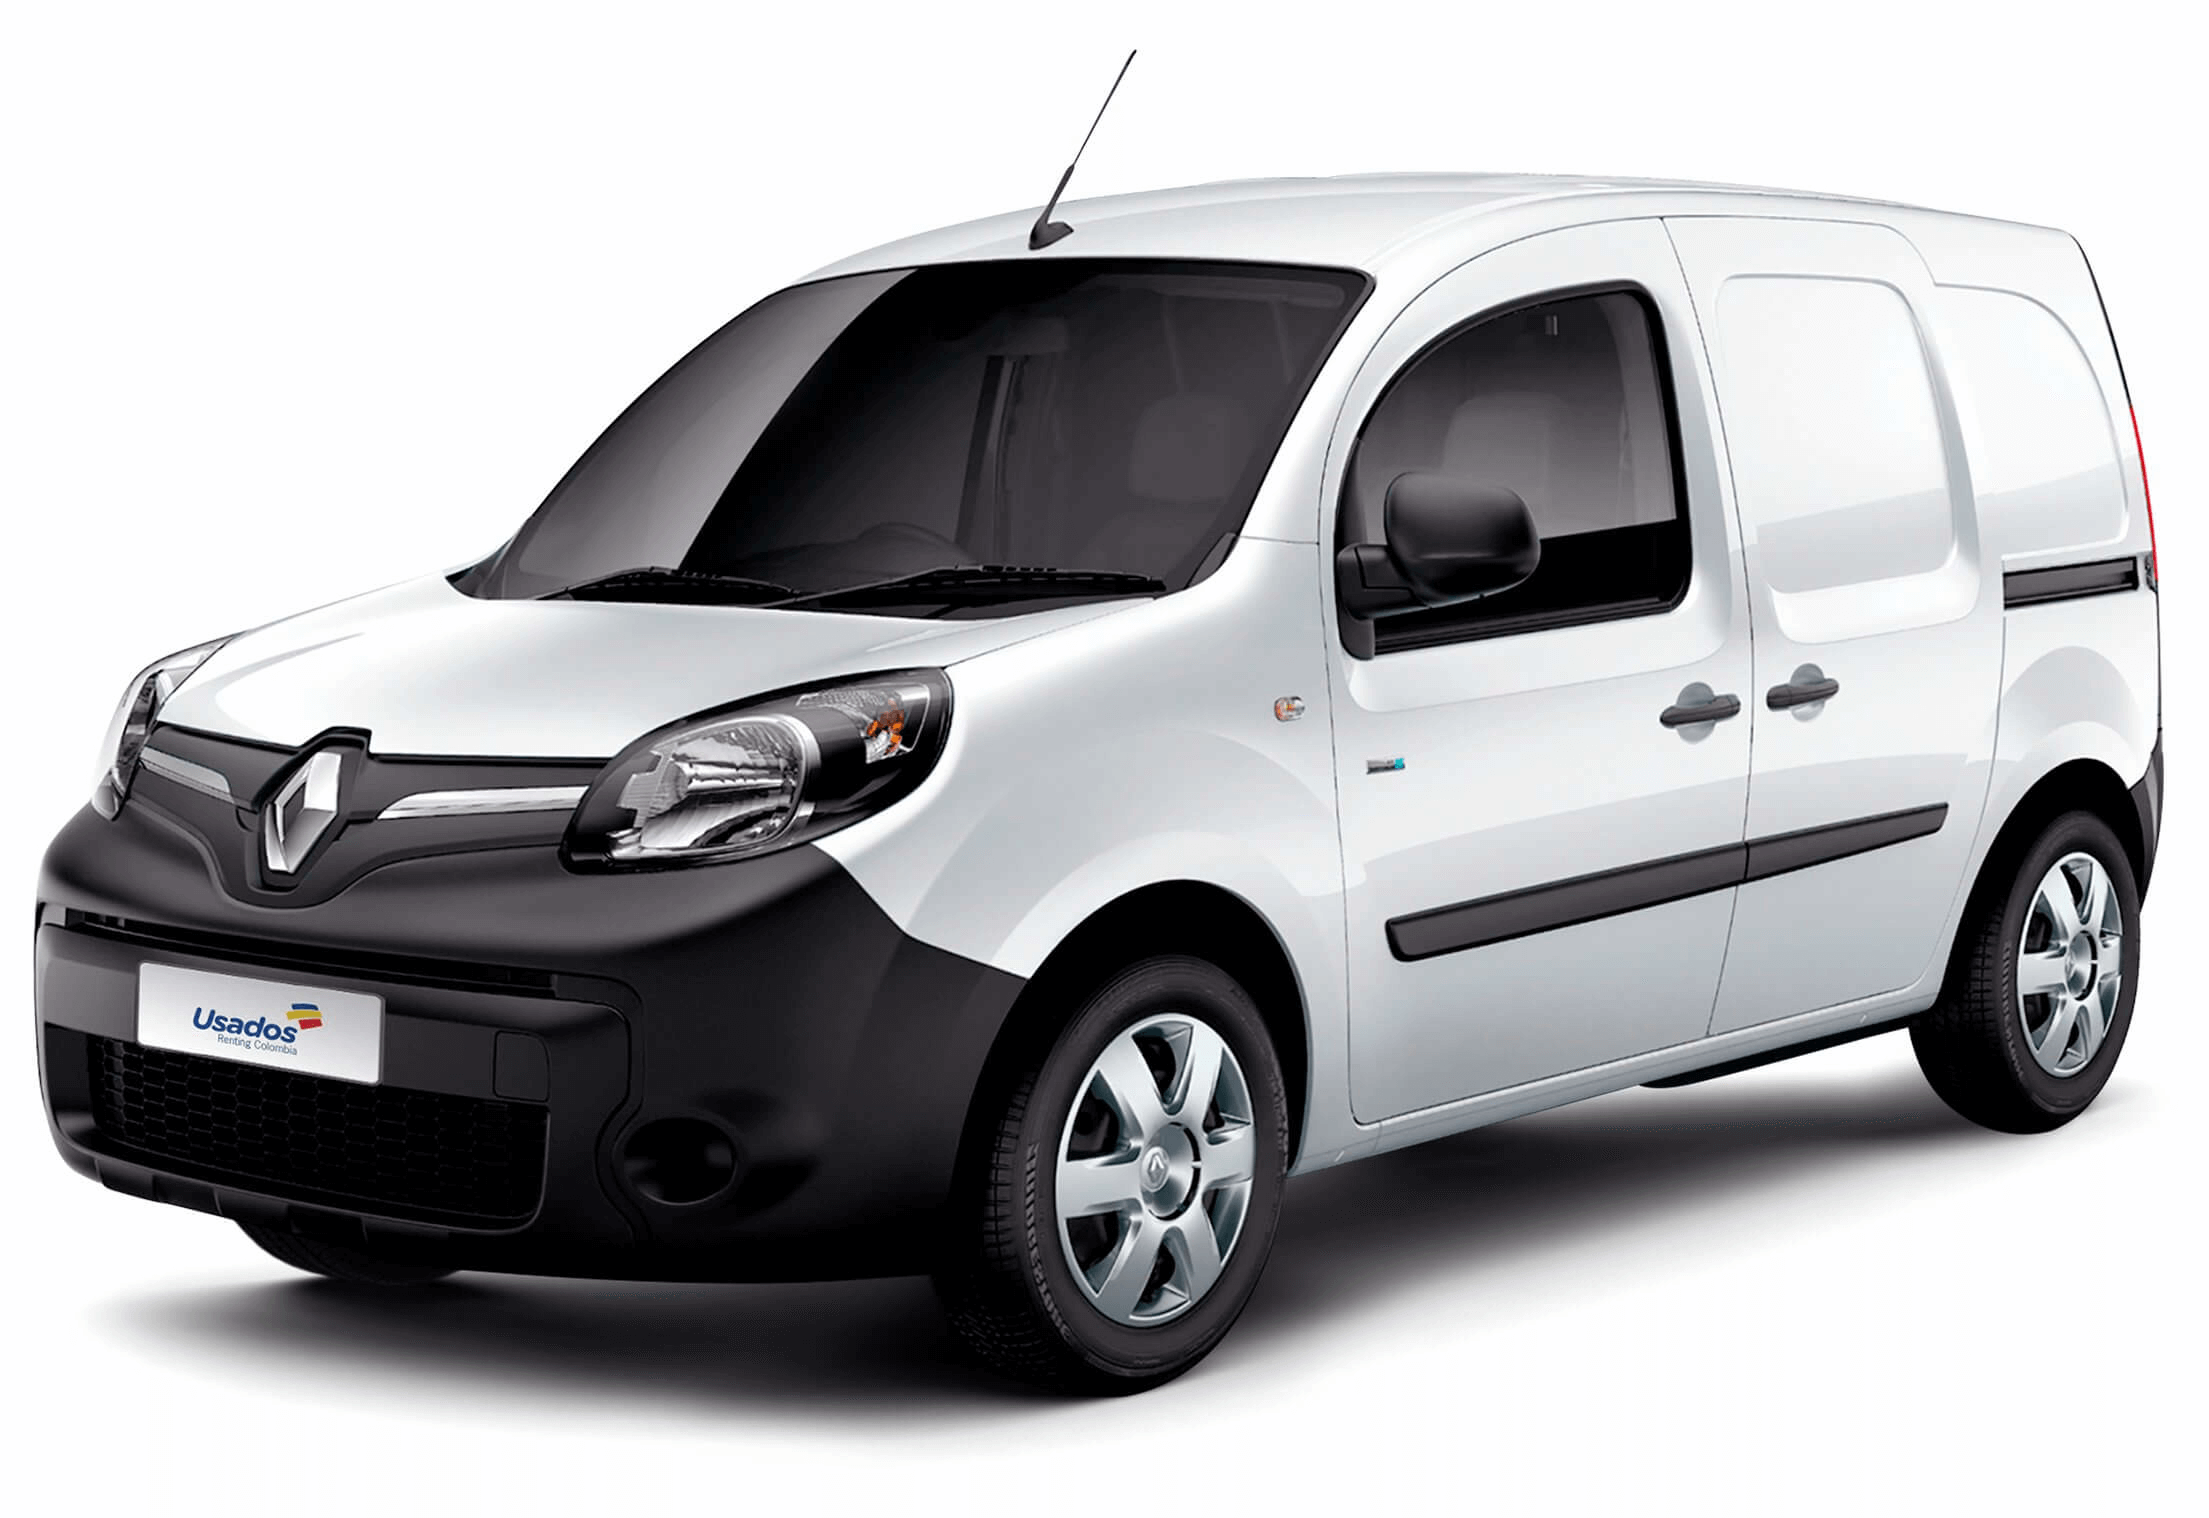 ¿Buscas carros utilitarios? Conoce el Renault Kangoo